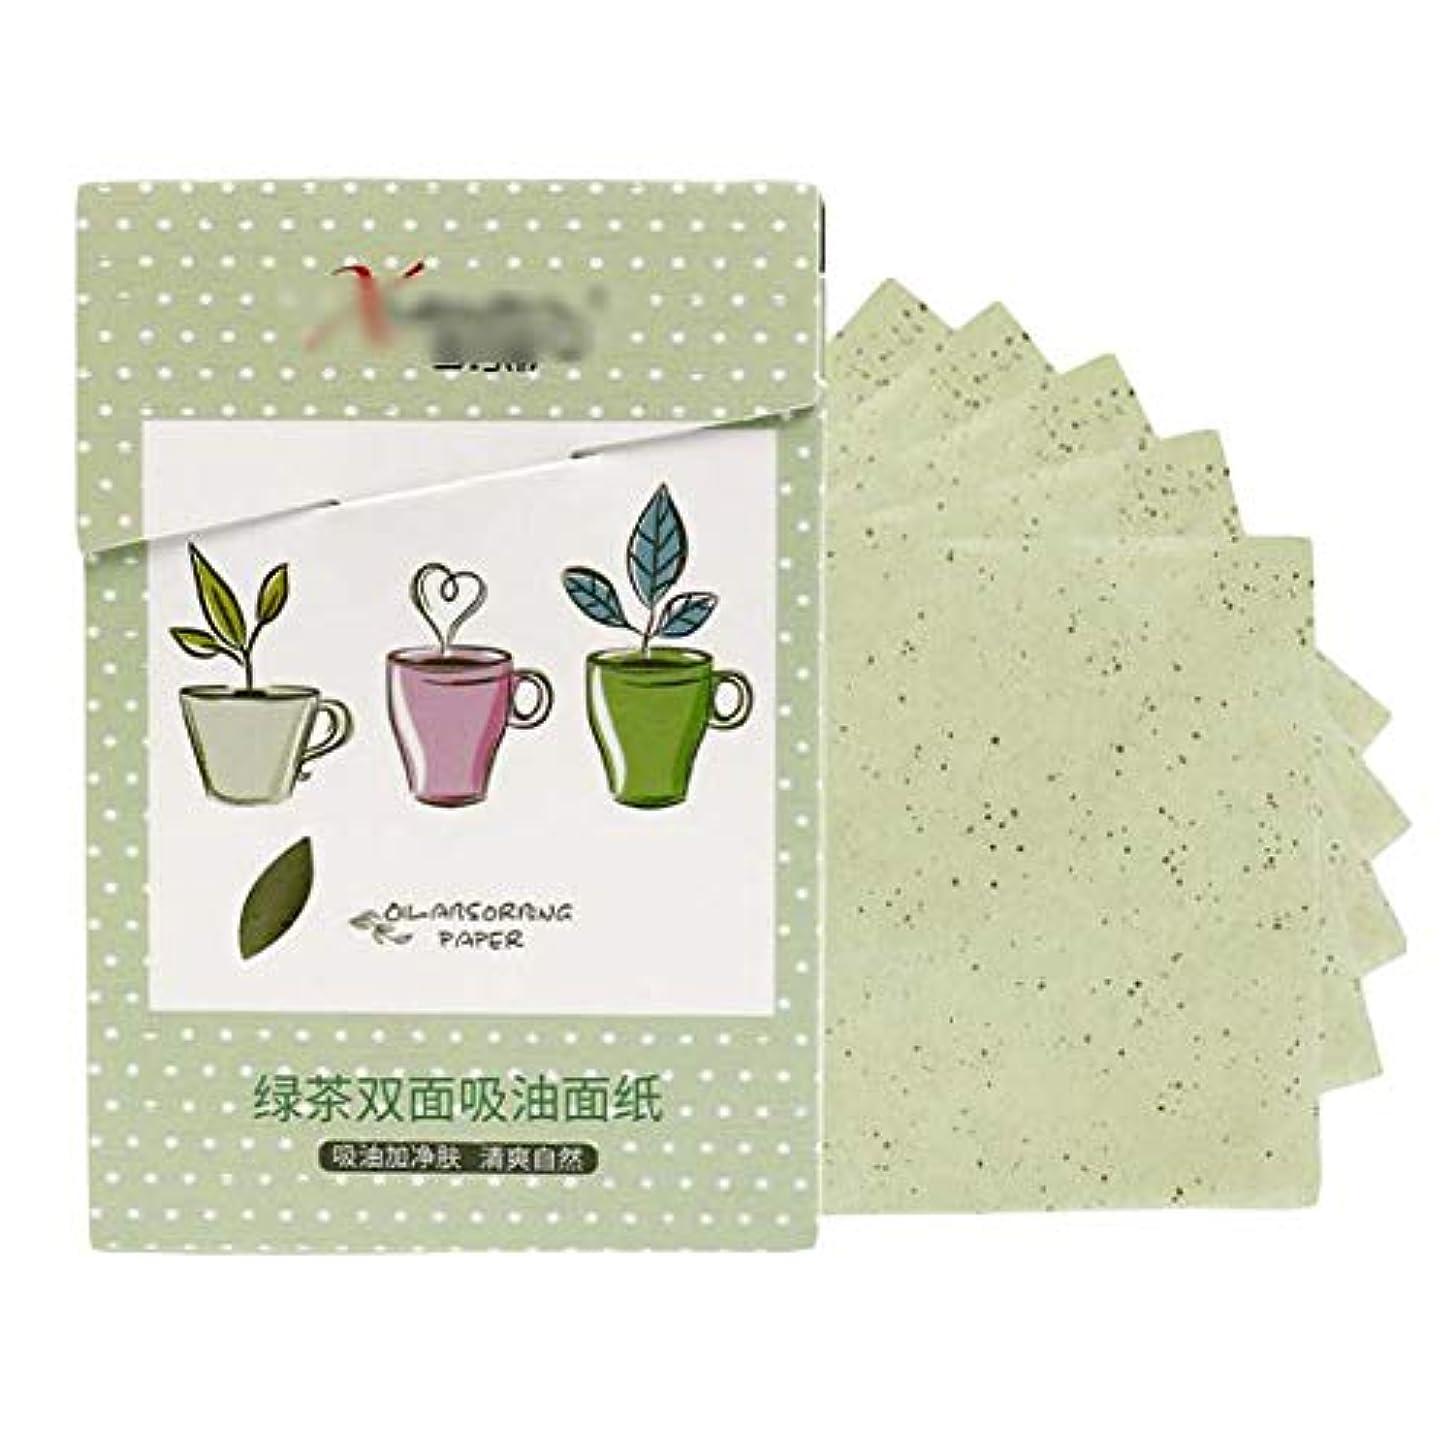 礼拝宿泊無視する緑茶オイルブロッティングティッシュフェイスオイル吸収紙、200枚